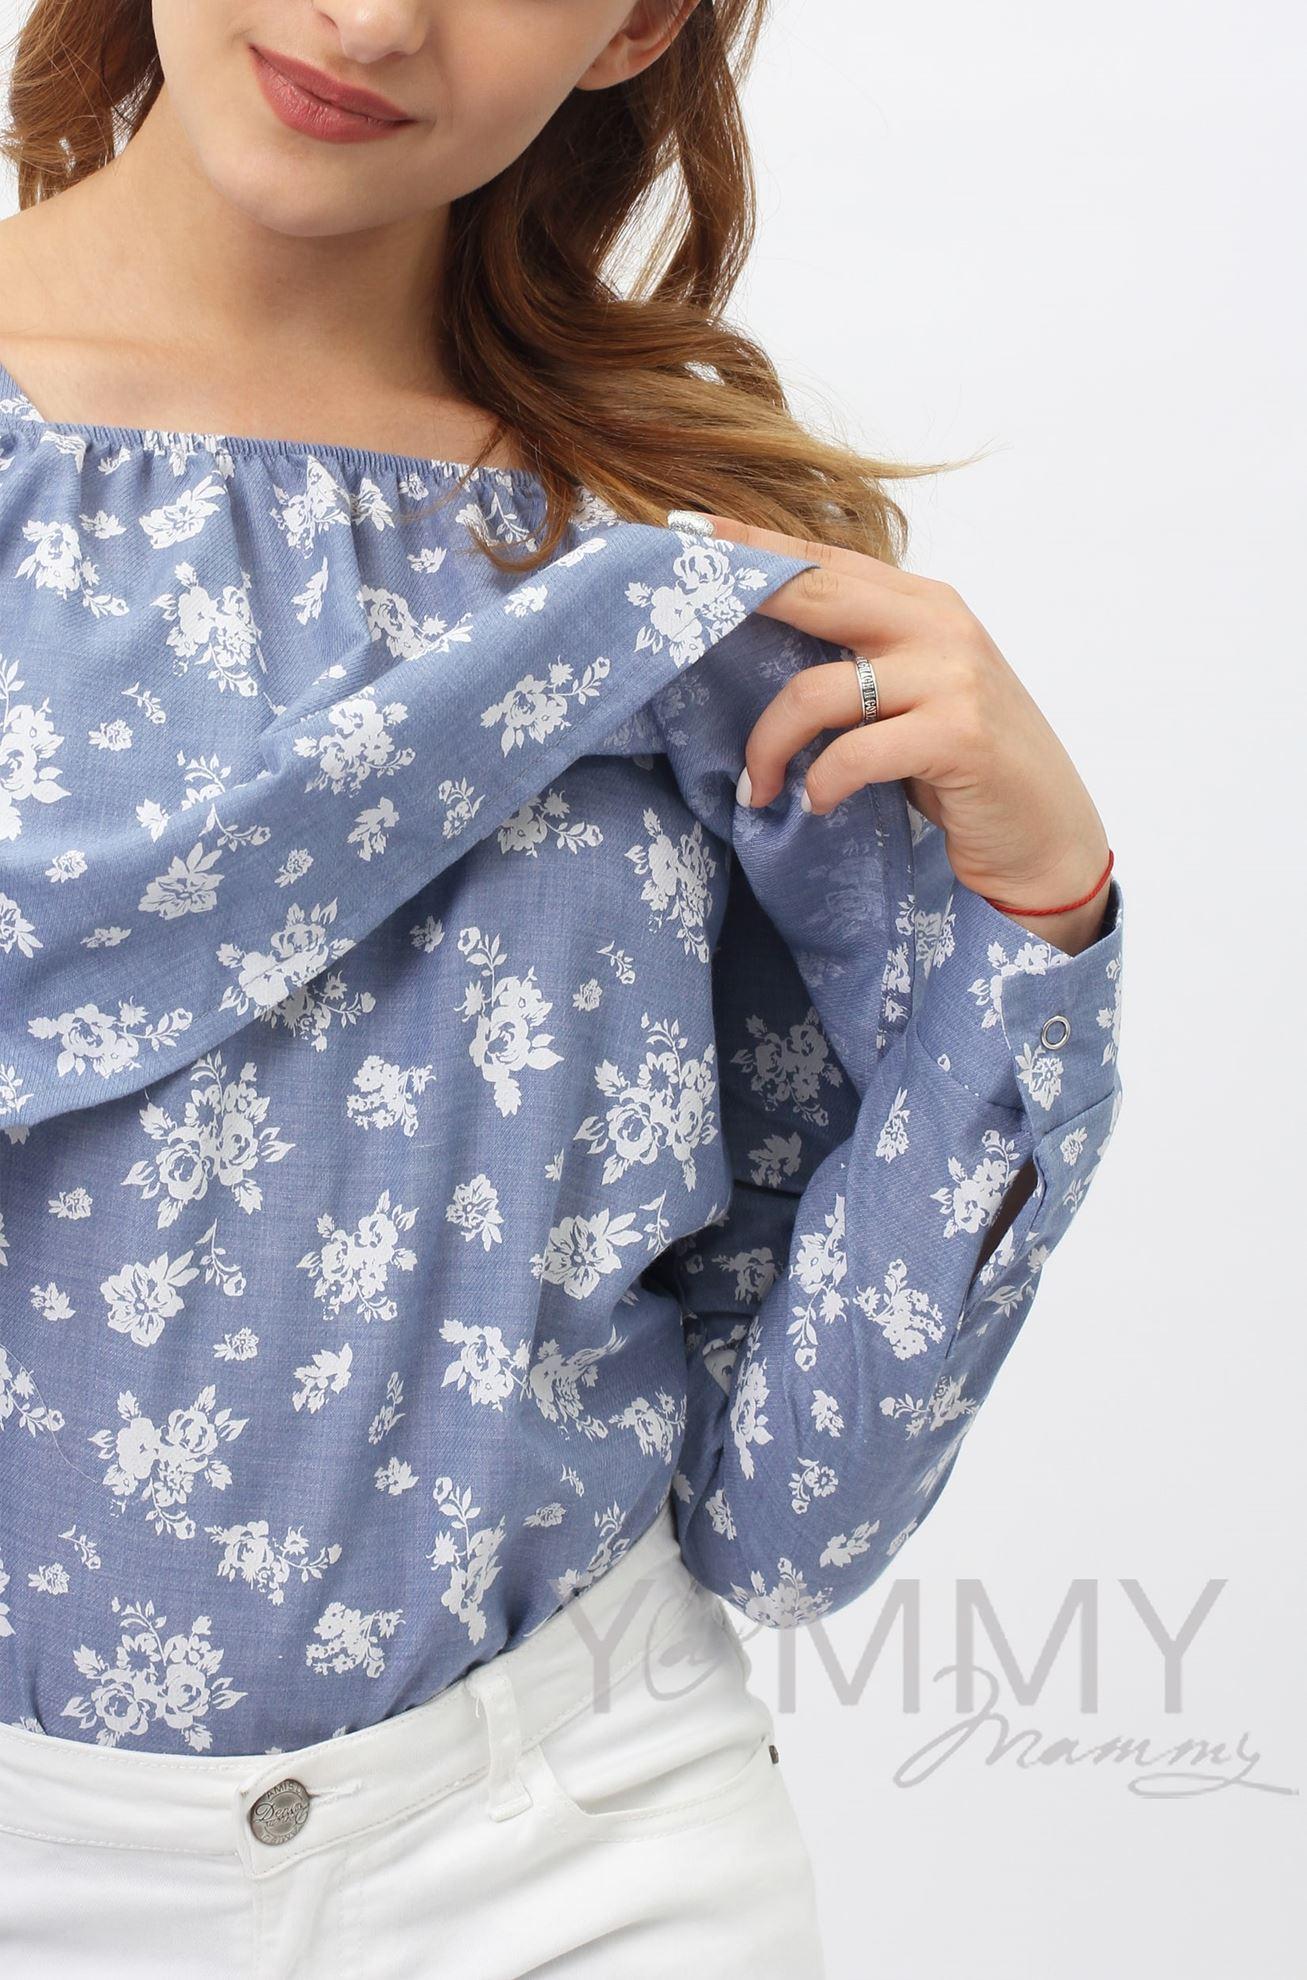 Изображение                               Блуза с воланом голубая с цветочным принтом